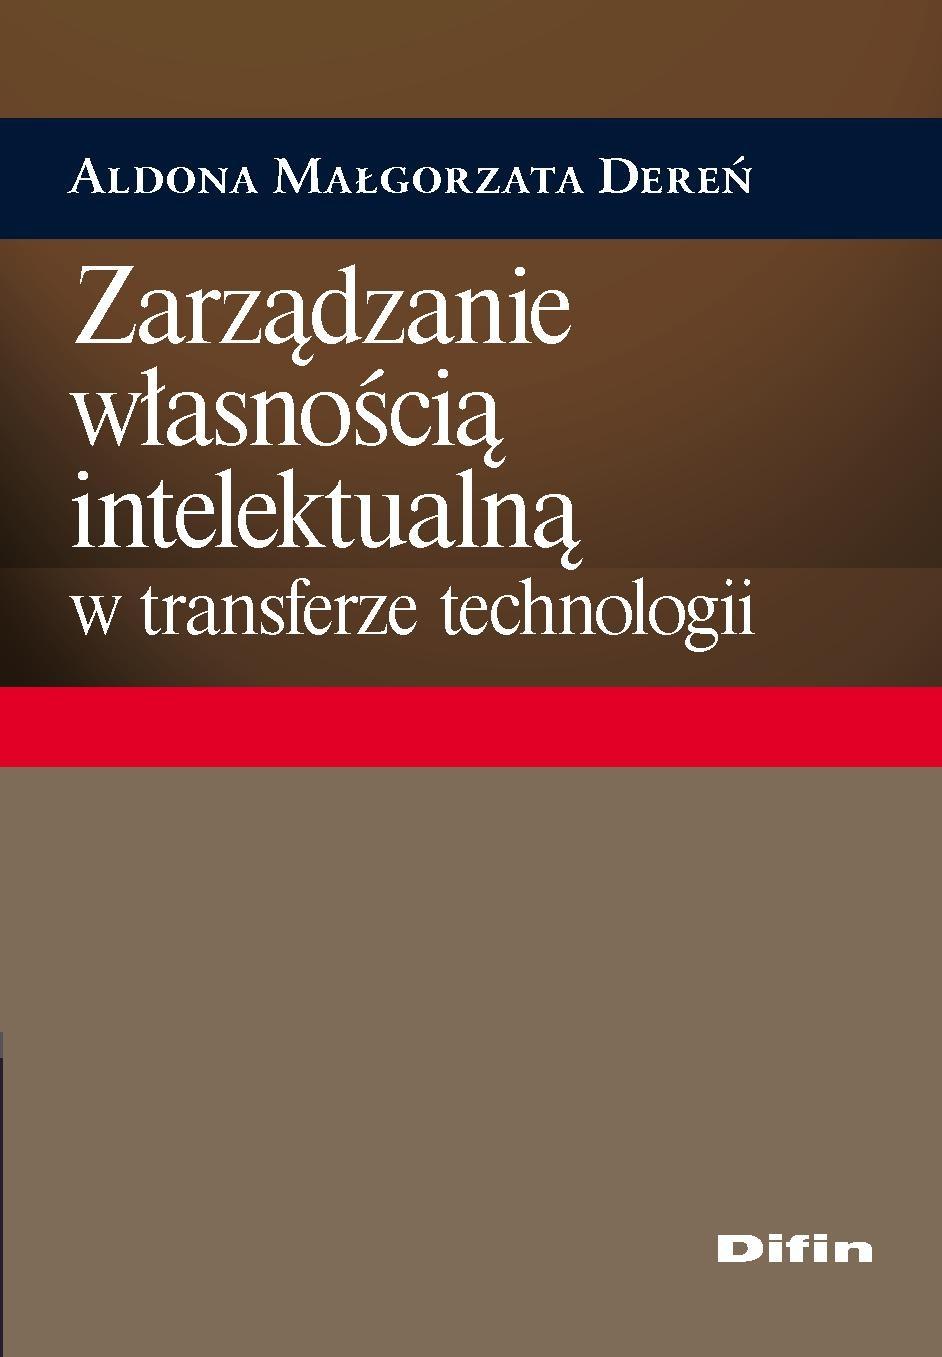 Zarządzanie własnością intelektualną w transferze technologii - Ebook (Książka EPUB) do pobrania w formacie EPUB